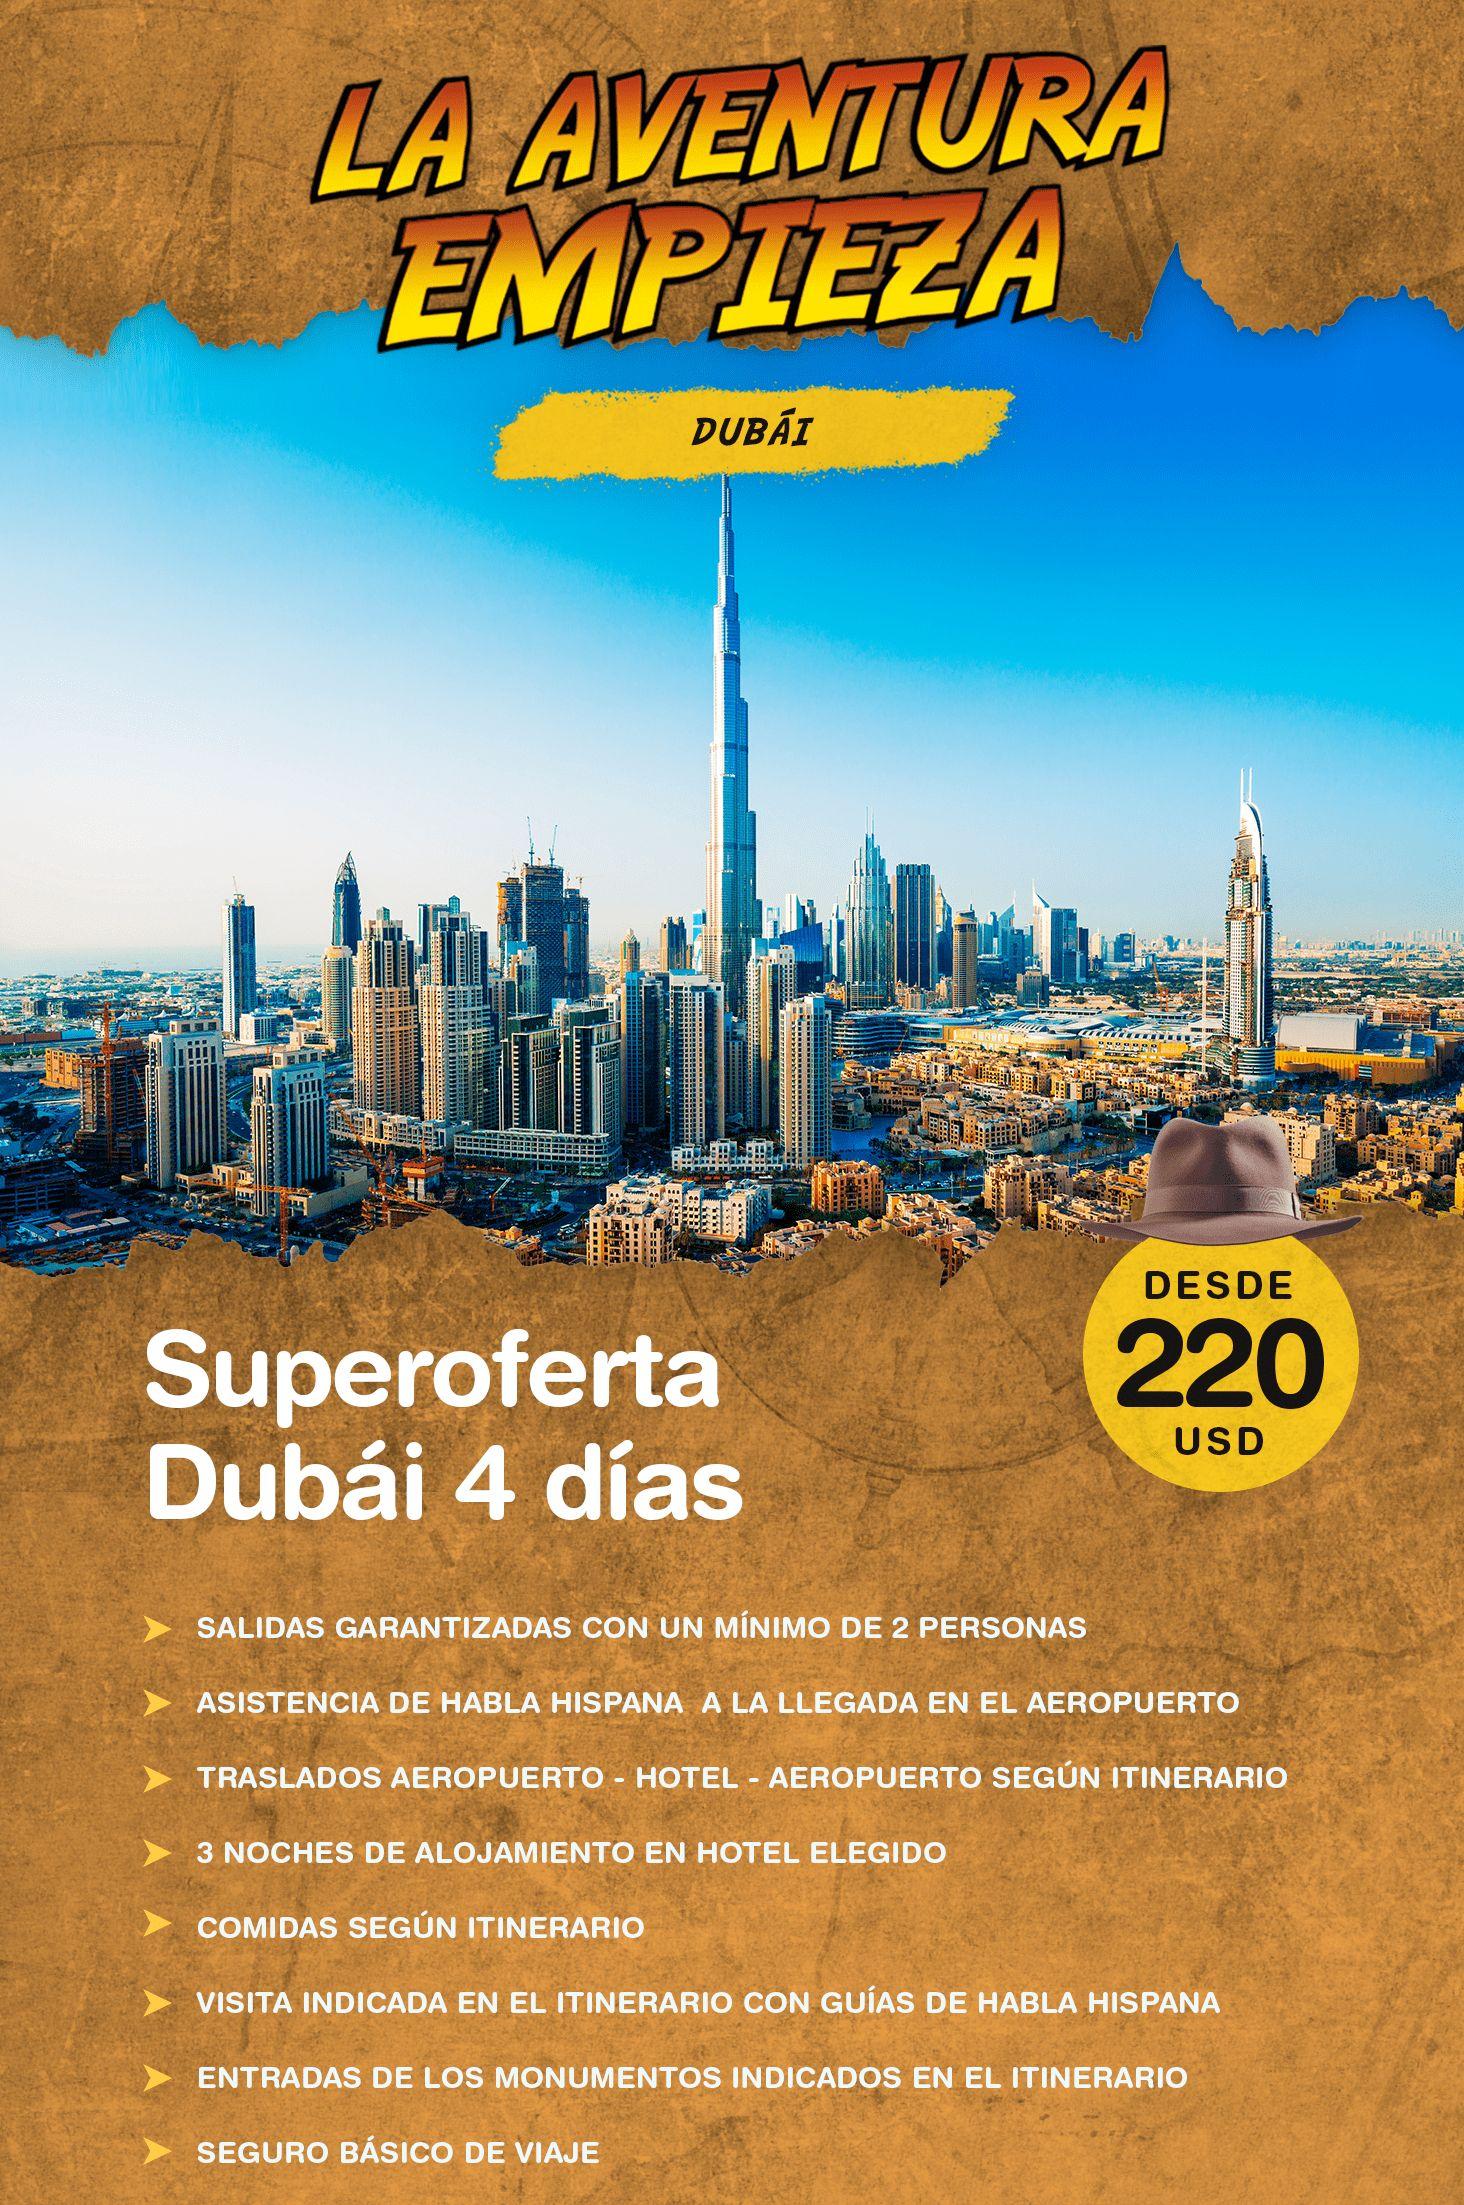 Super Oferta Dubái 4 Diás